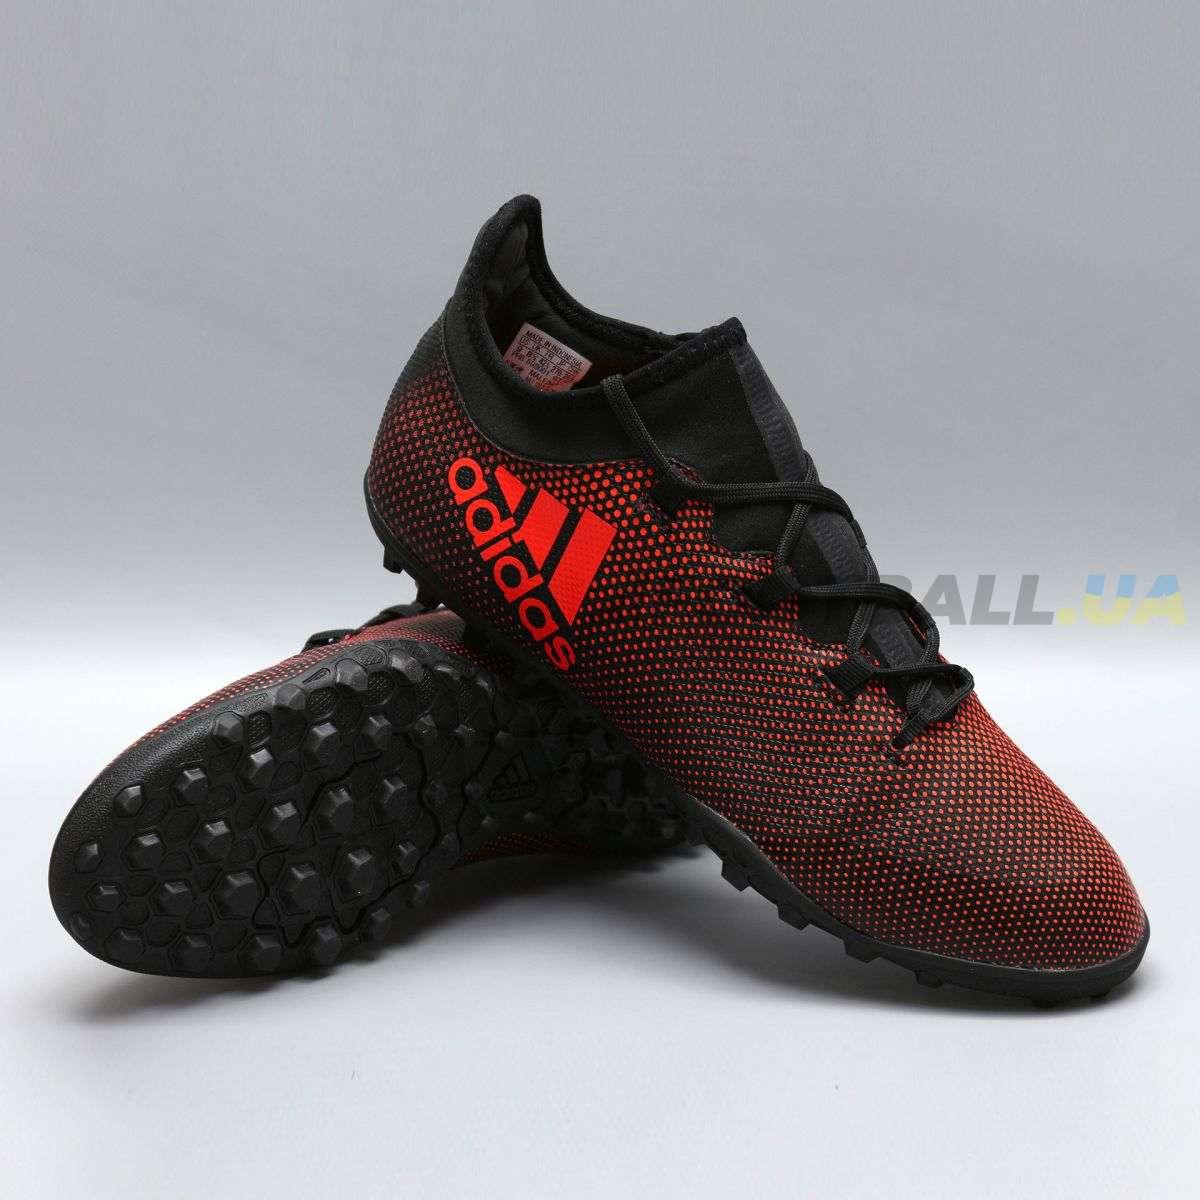 f40fa2a831a902 Сороконожки adidas X TANGO 17.3 CG3728 | Infra Red купить на ...